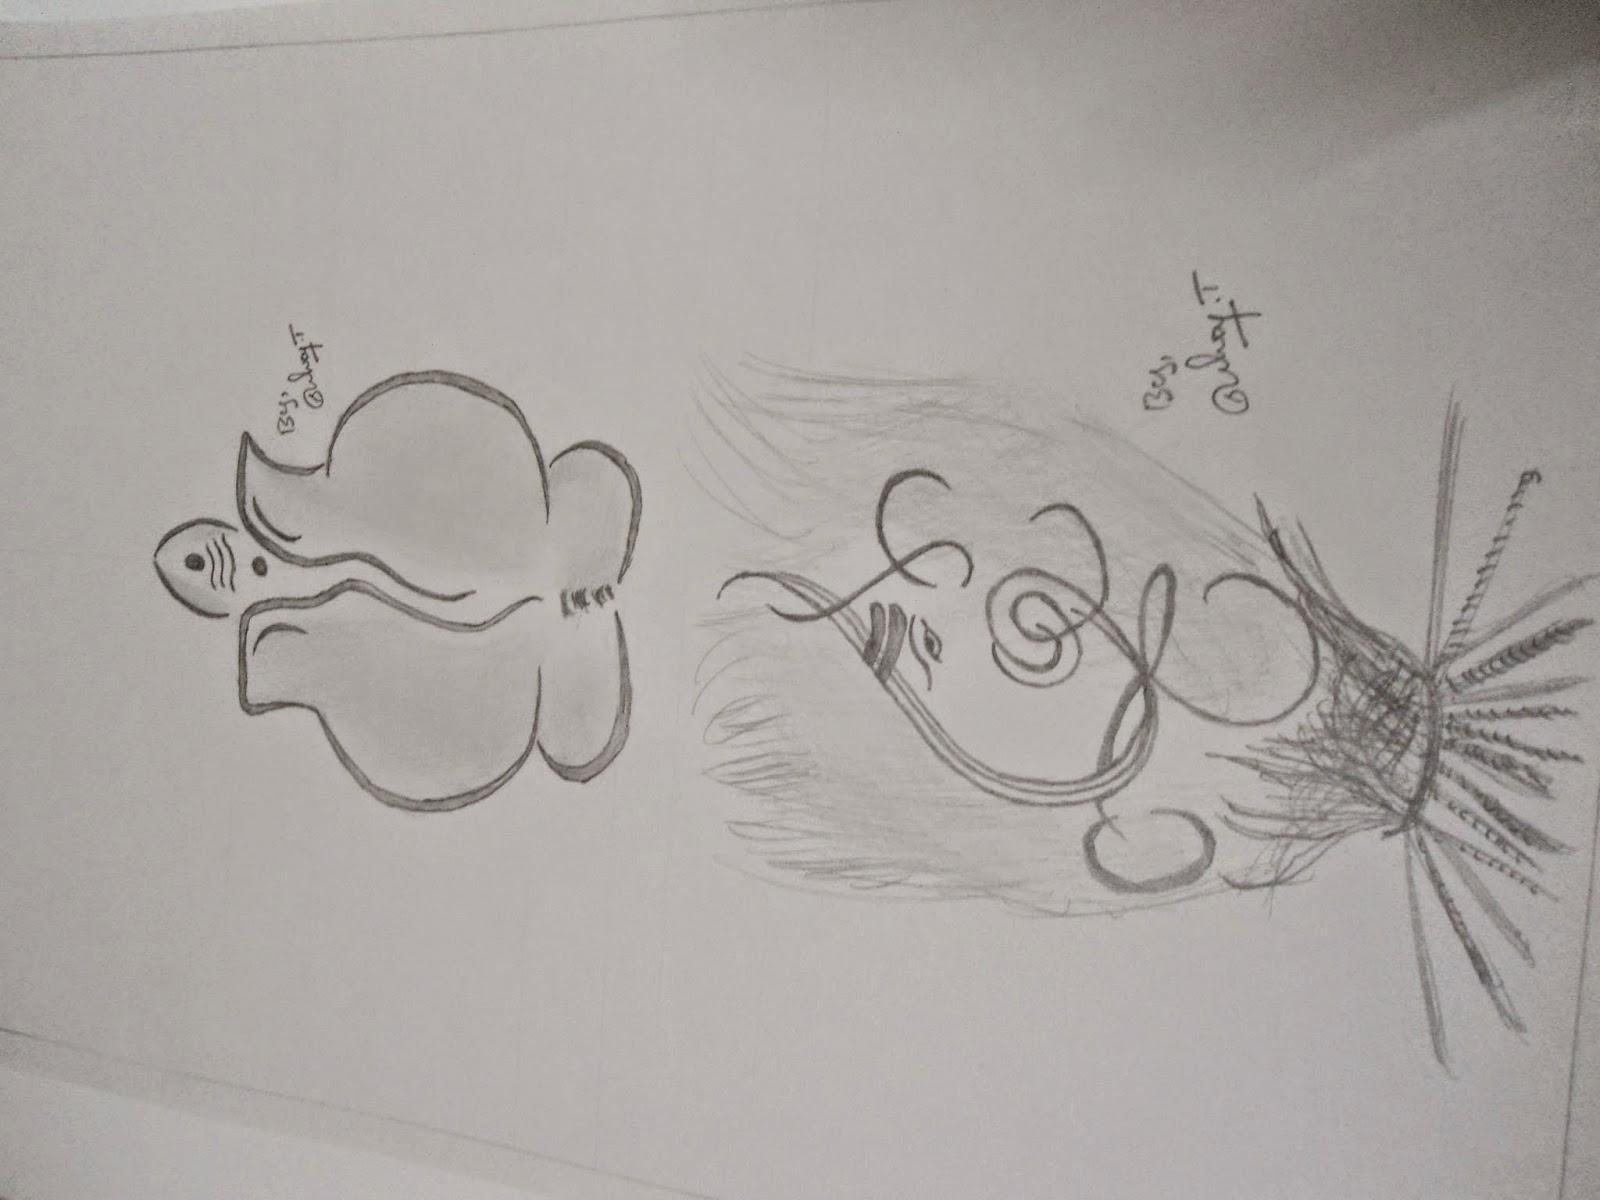 Ganapathi pencil drawings lord ganesha pencil sketch ganapathy part3